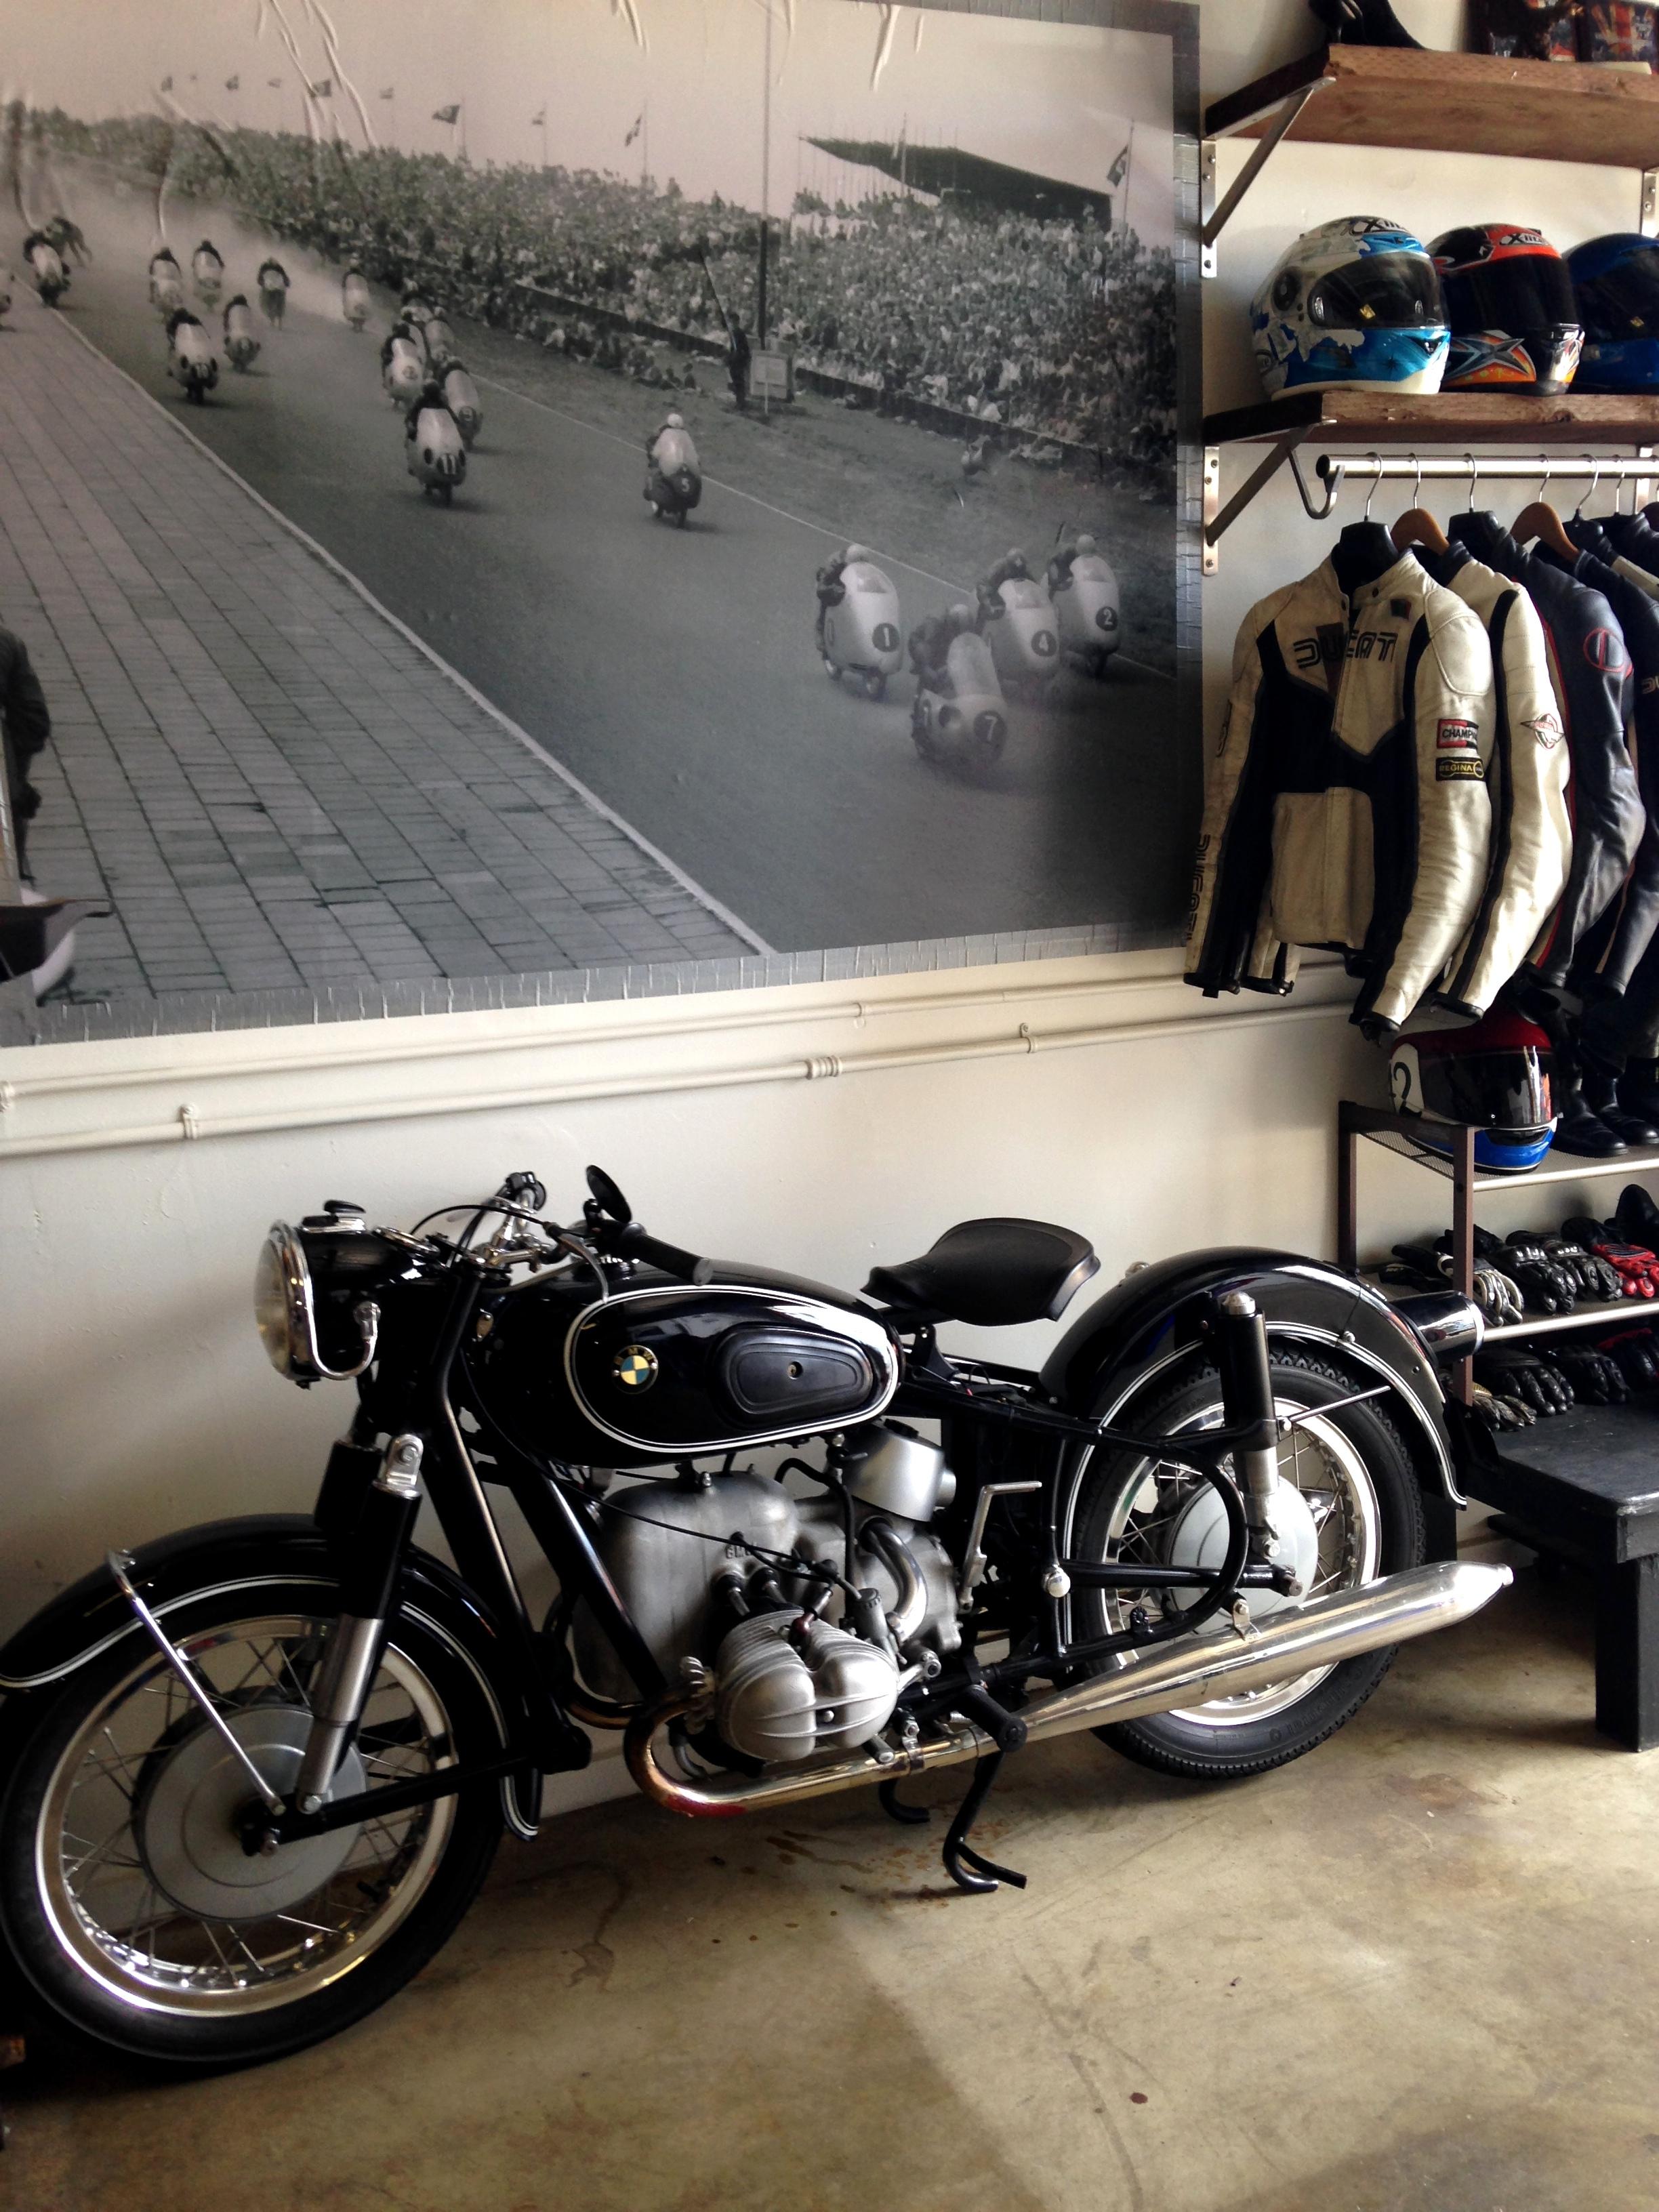 Vintage Motorcycle Garage Rental  Helmets n Heels